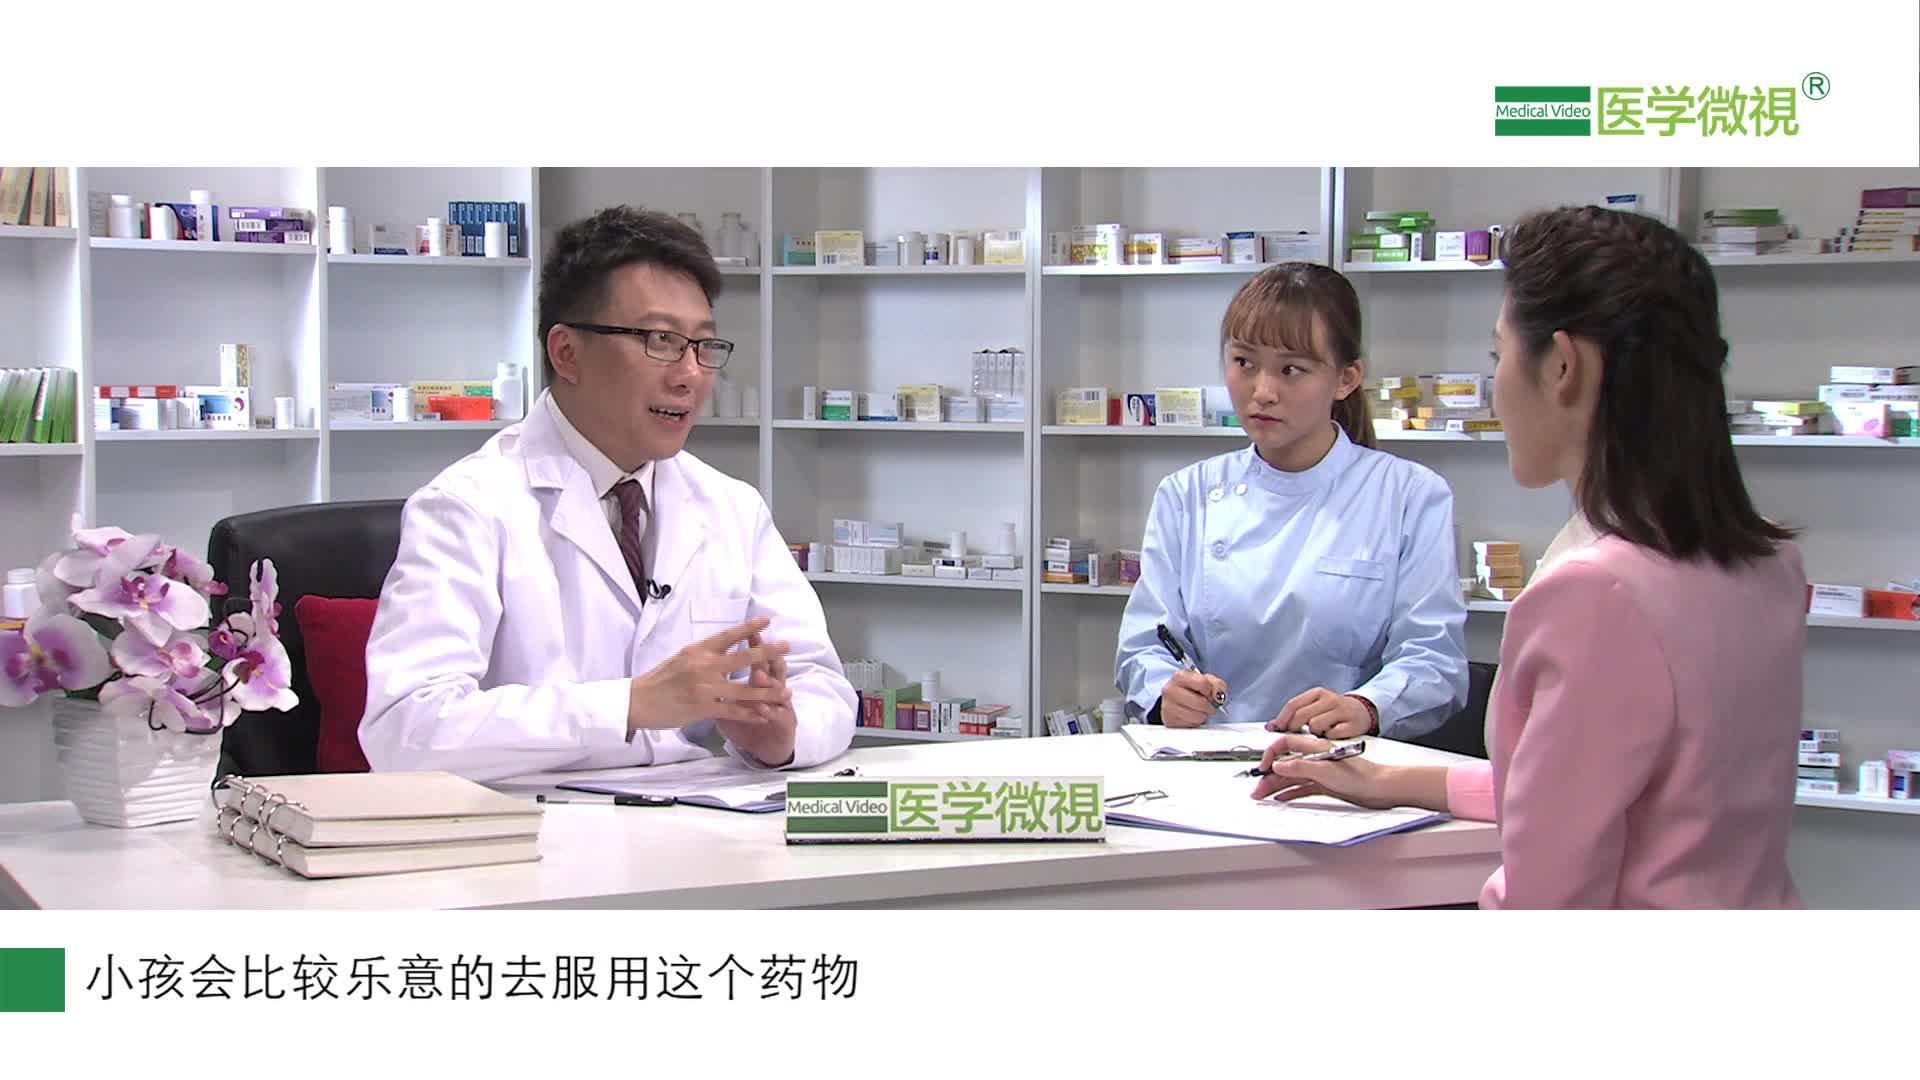 儿童可以服用头孢呋辛酯抗感染吗?对外阴炎有效吗?